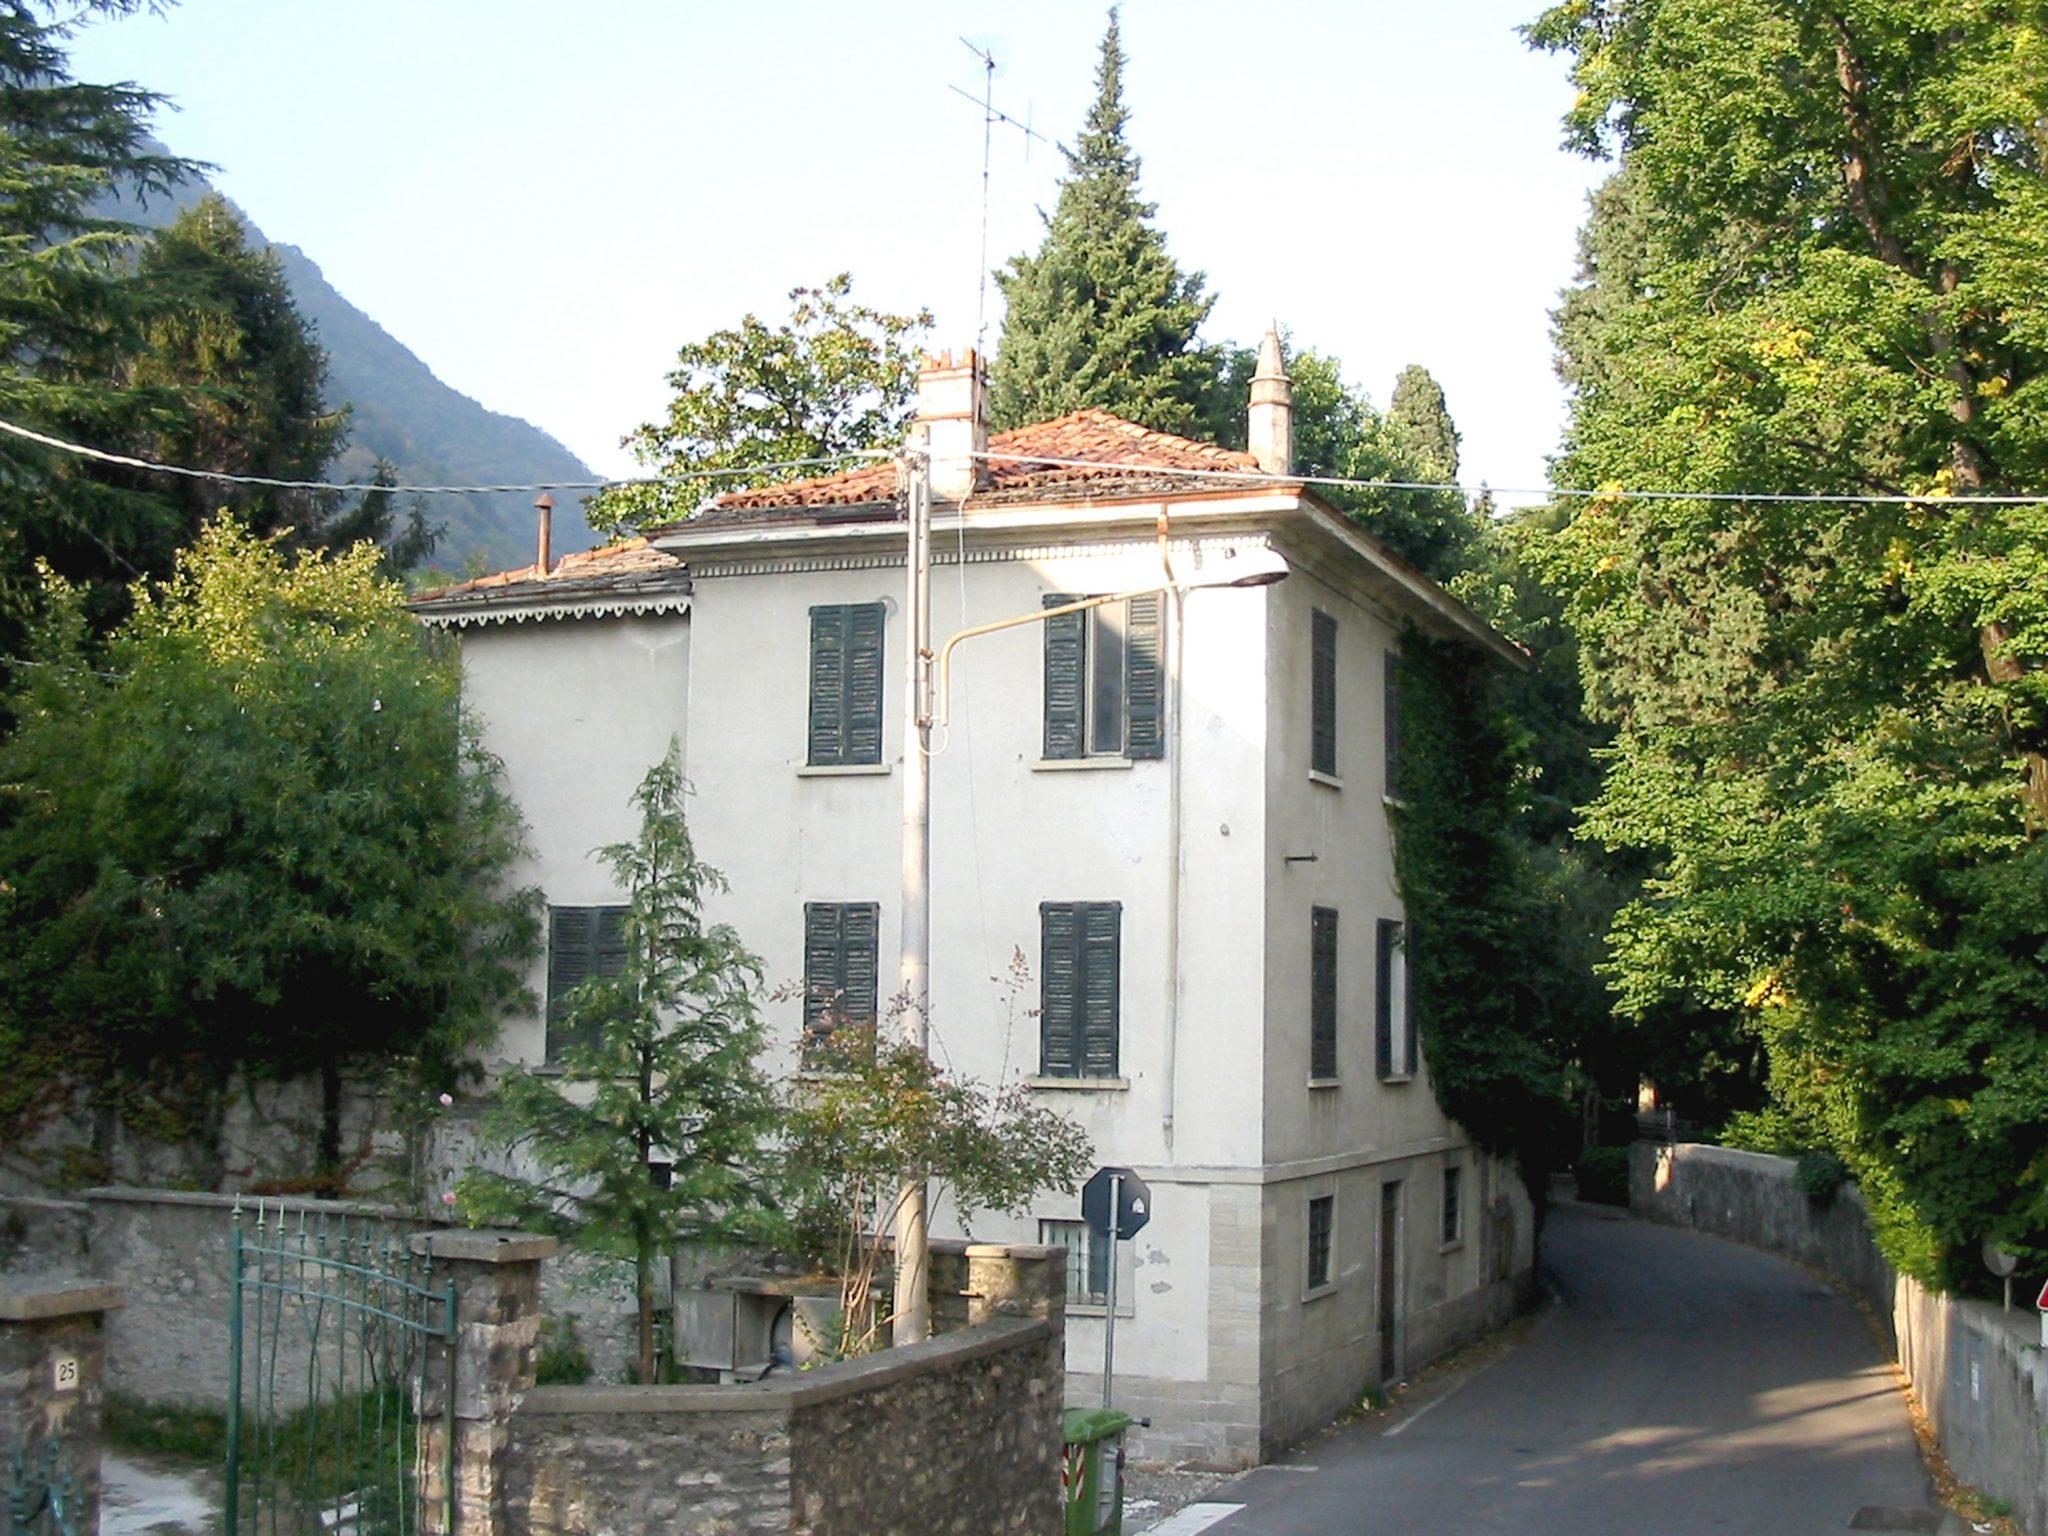 Cool edifici in citt murata a como piazza boldoni with for Disegni di ville